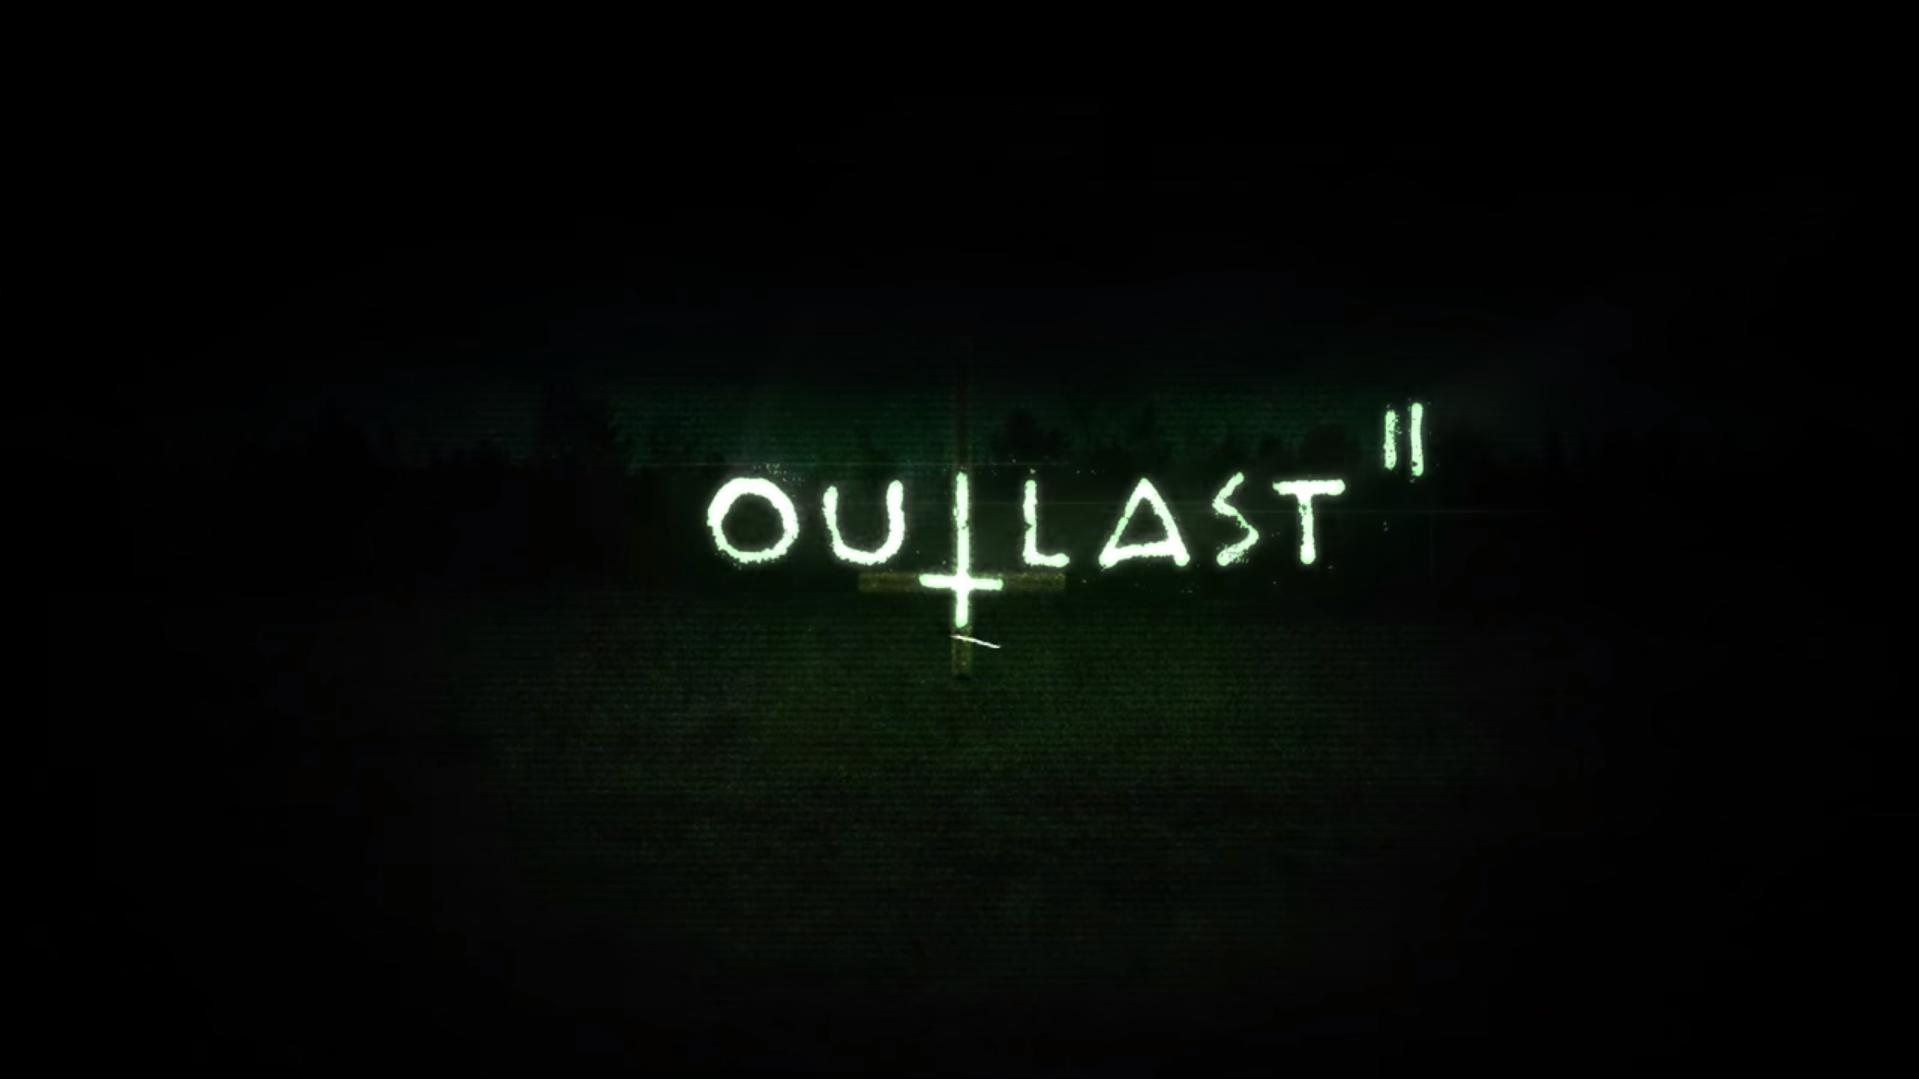 Outlast 2 E Anunciado Com Teaser Macabro Outlast 2 Teaser Macabro